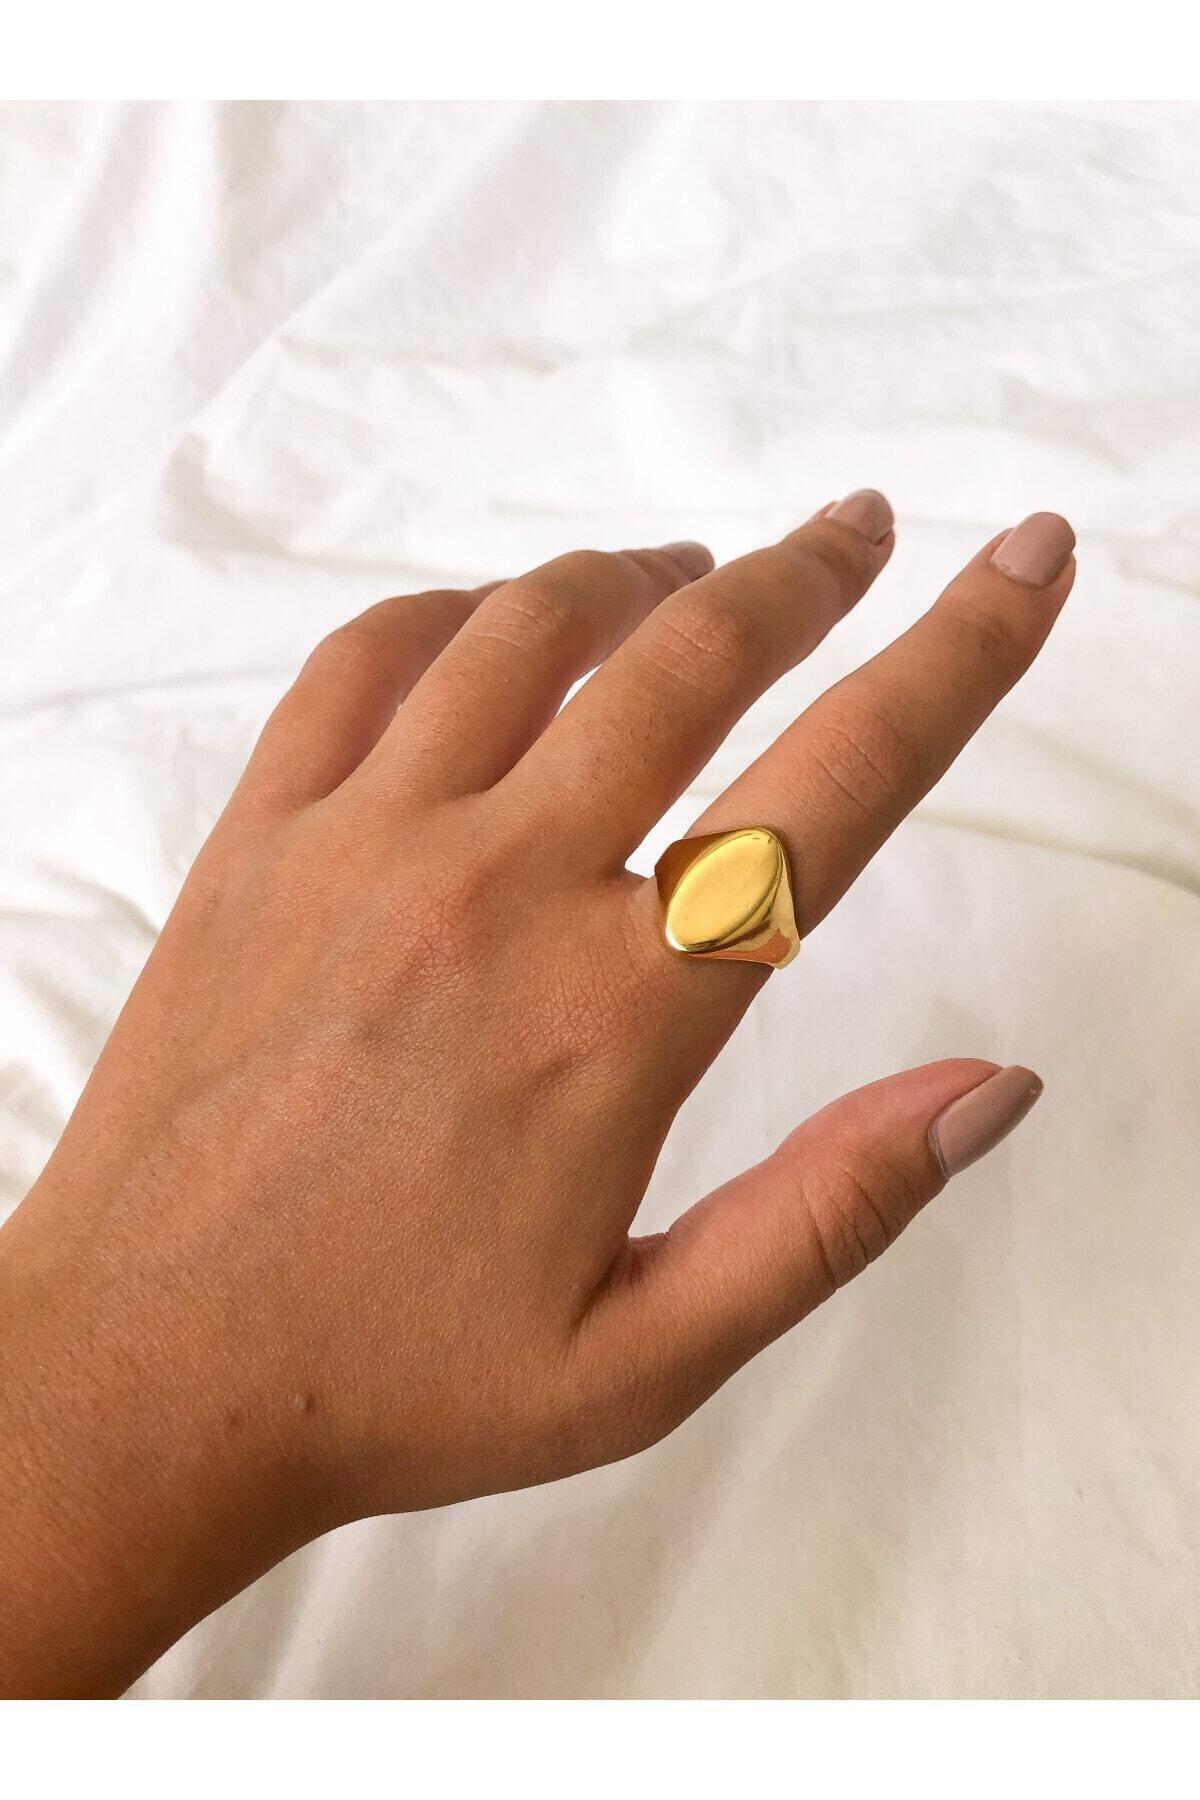 The Y Jewelry Altın Kaplama Plaka Yüzük -ayarlanılabilir 1